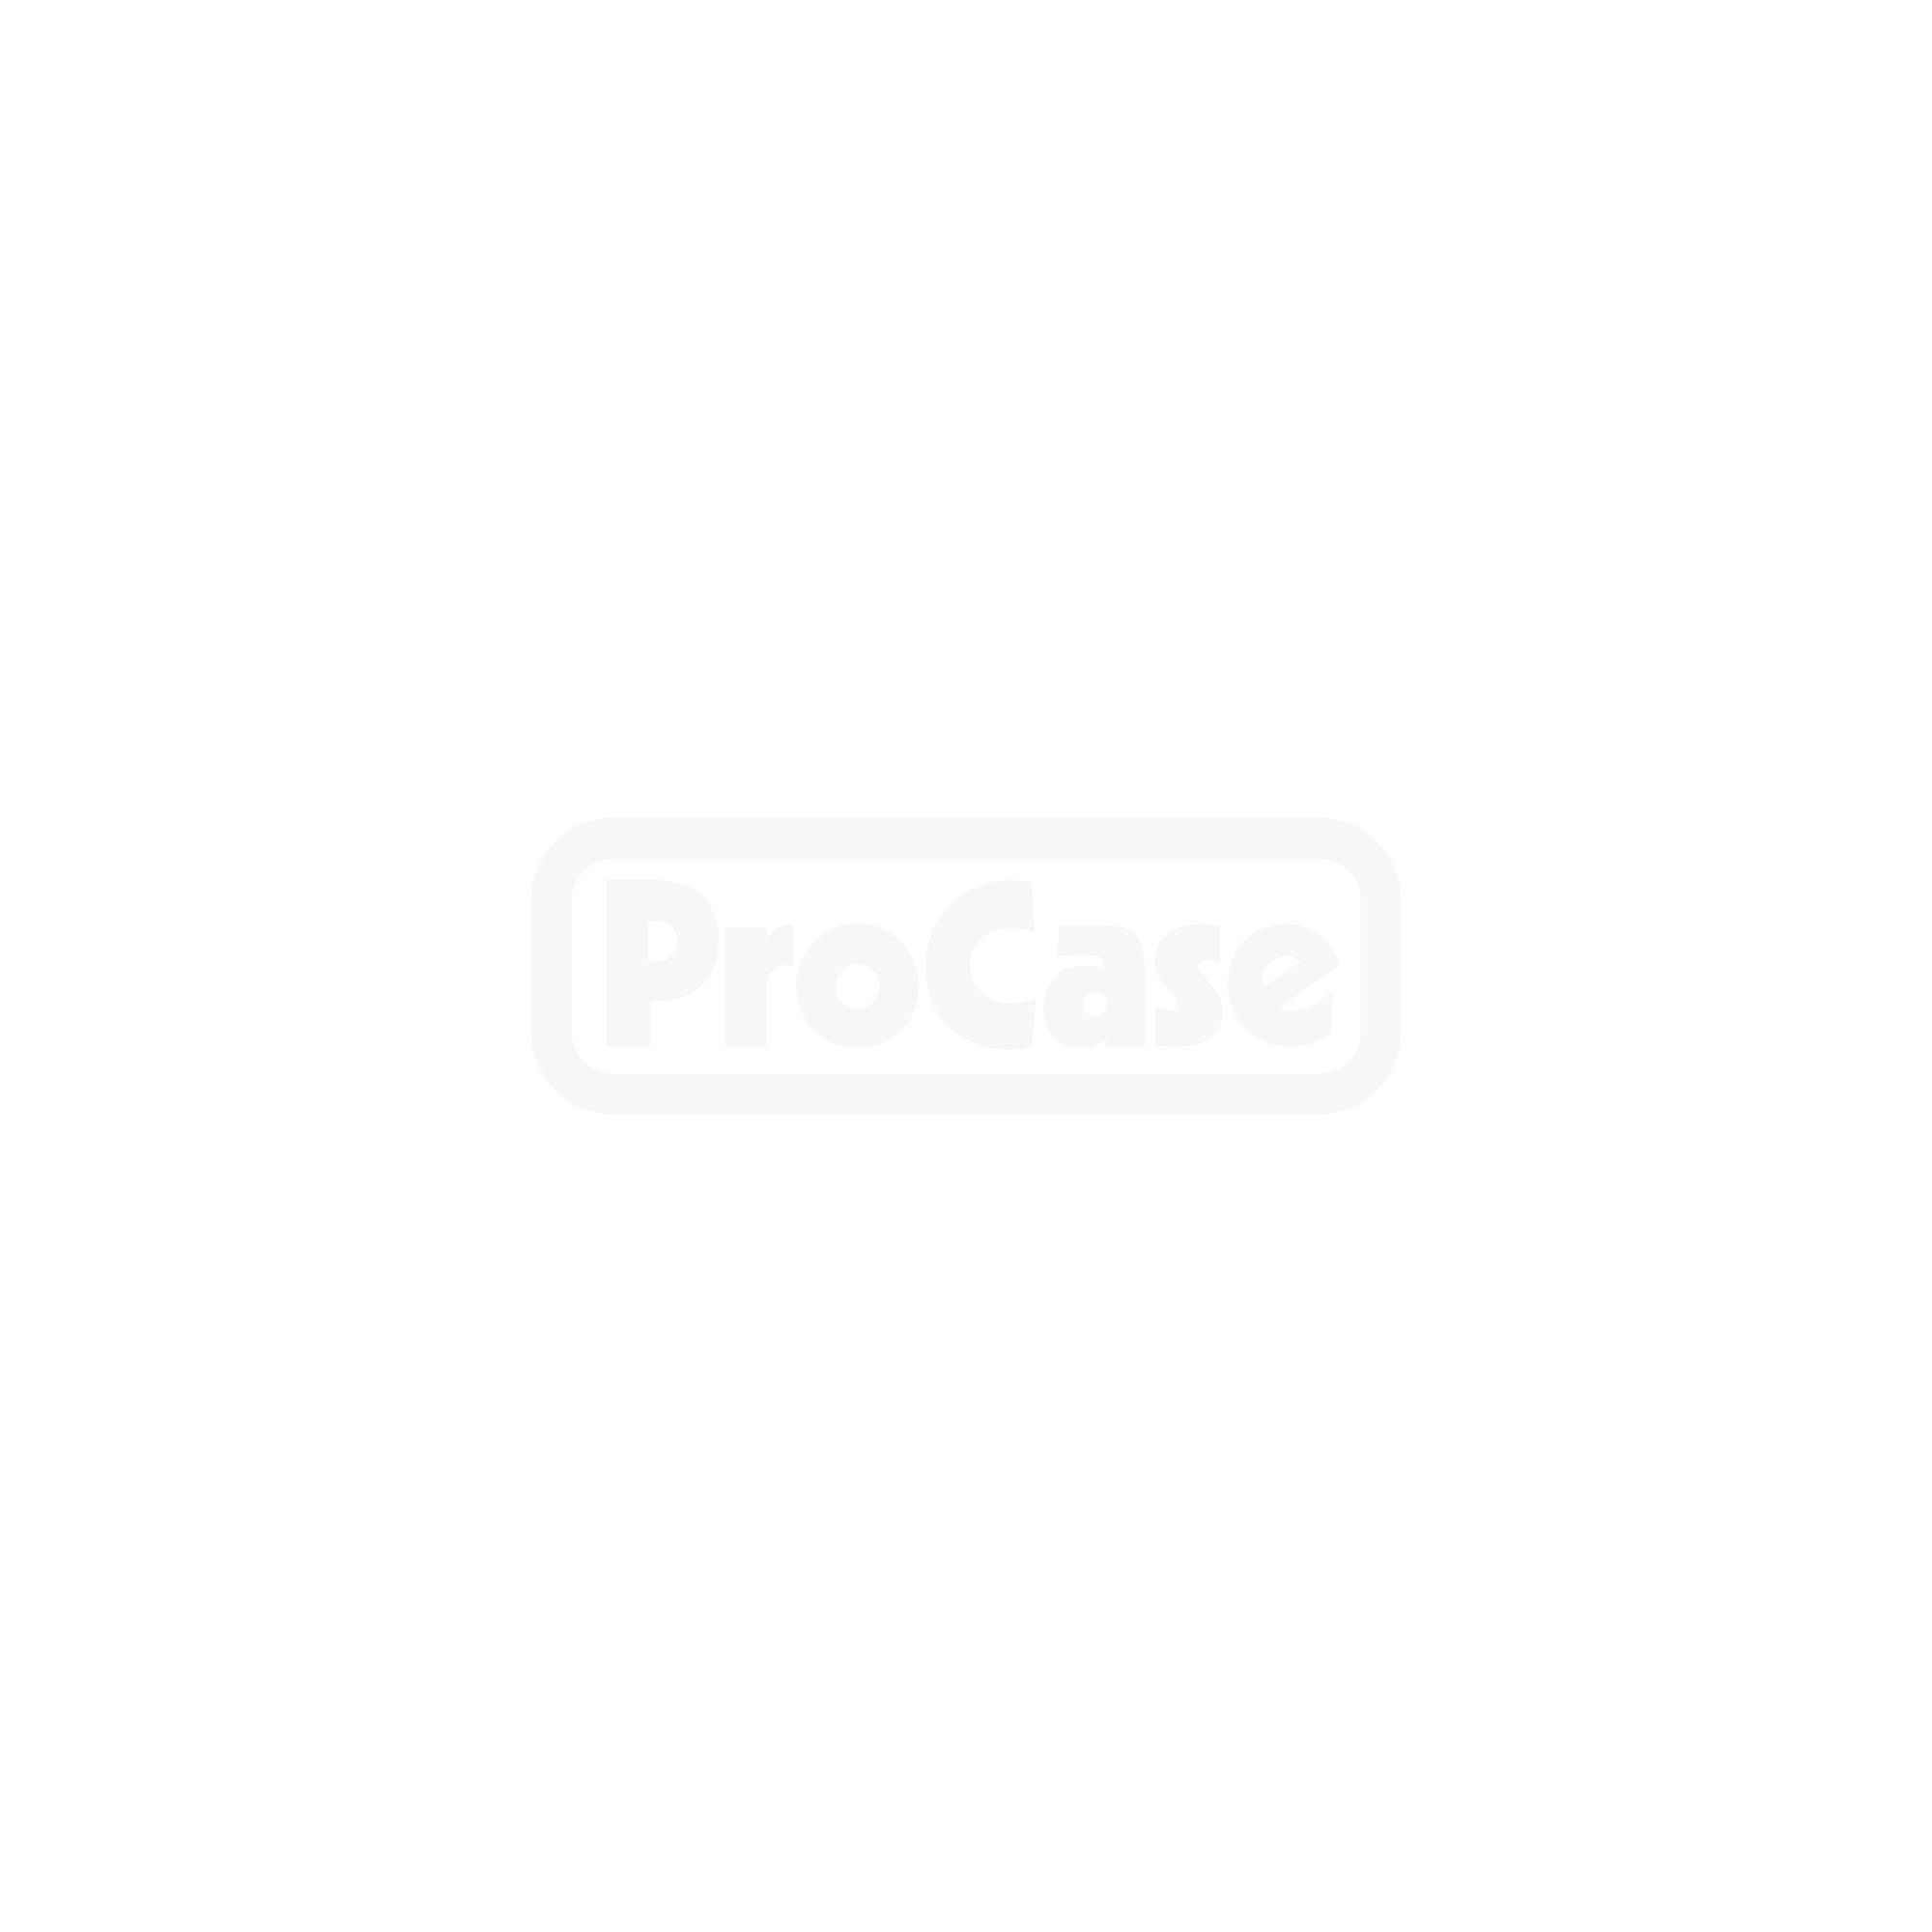 Flightcase für 2 Kling & Freitag CA 1001 mit Bügel